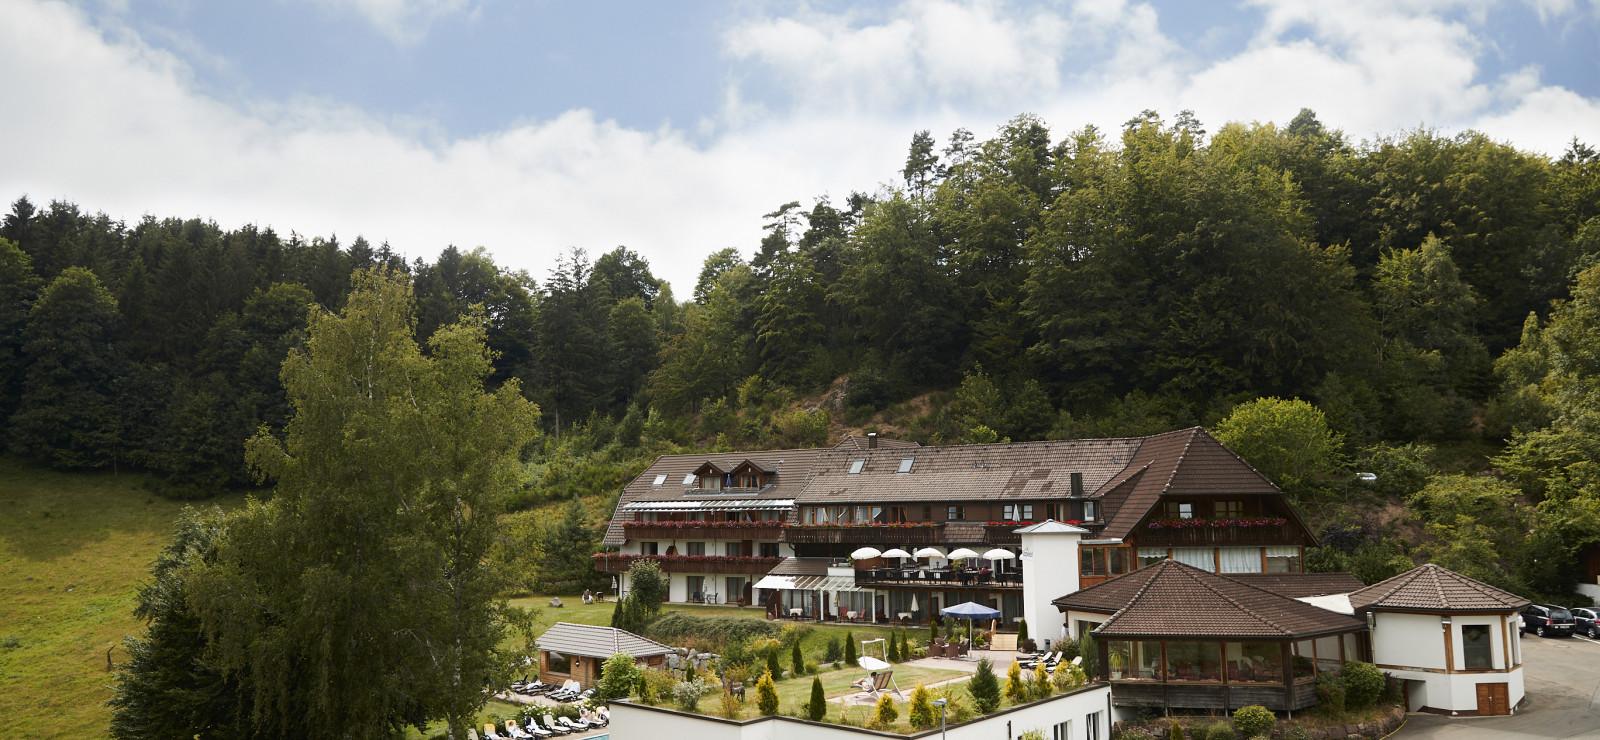 Hotel Käppelehof Bilder | Bild 1